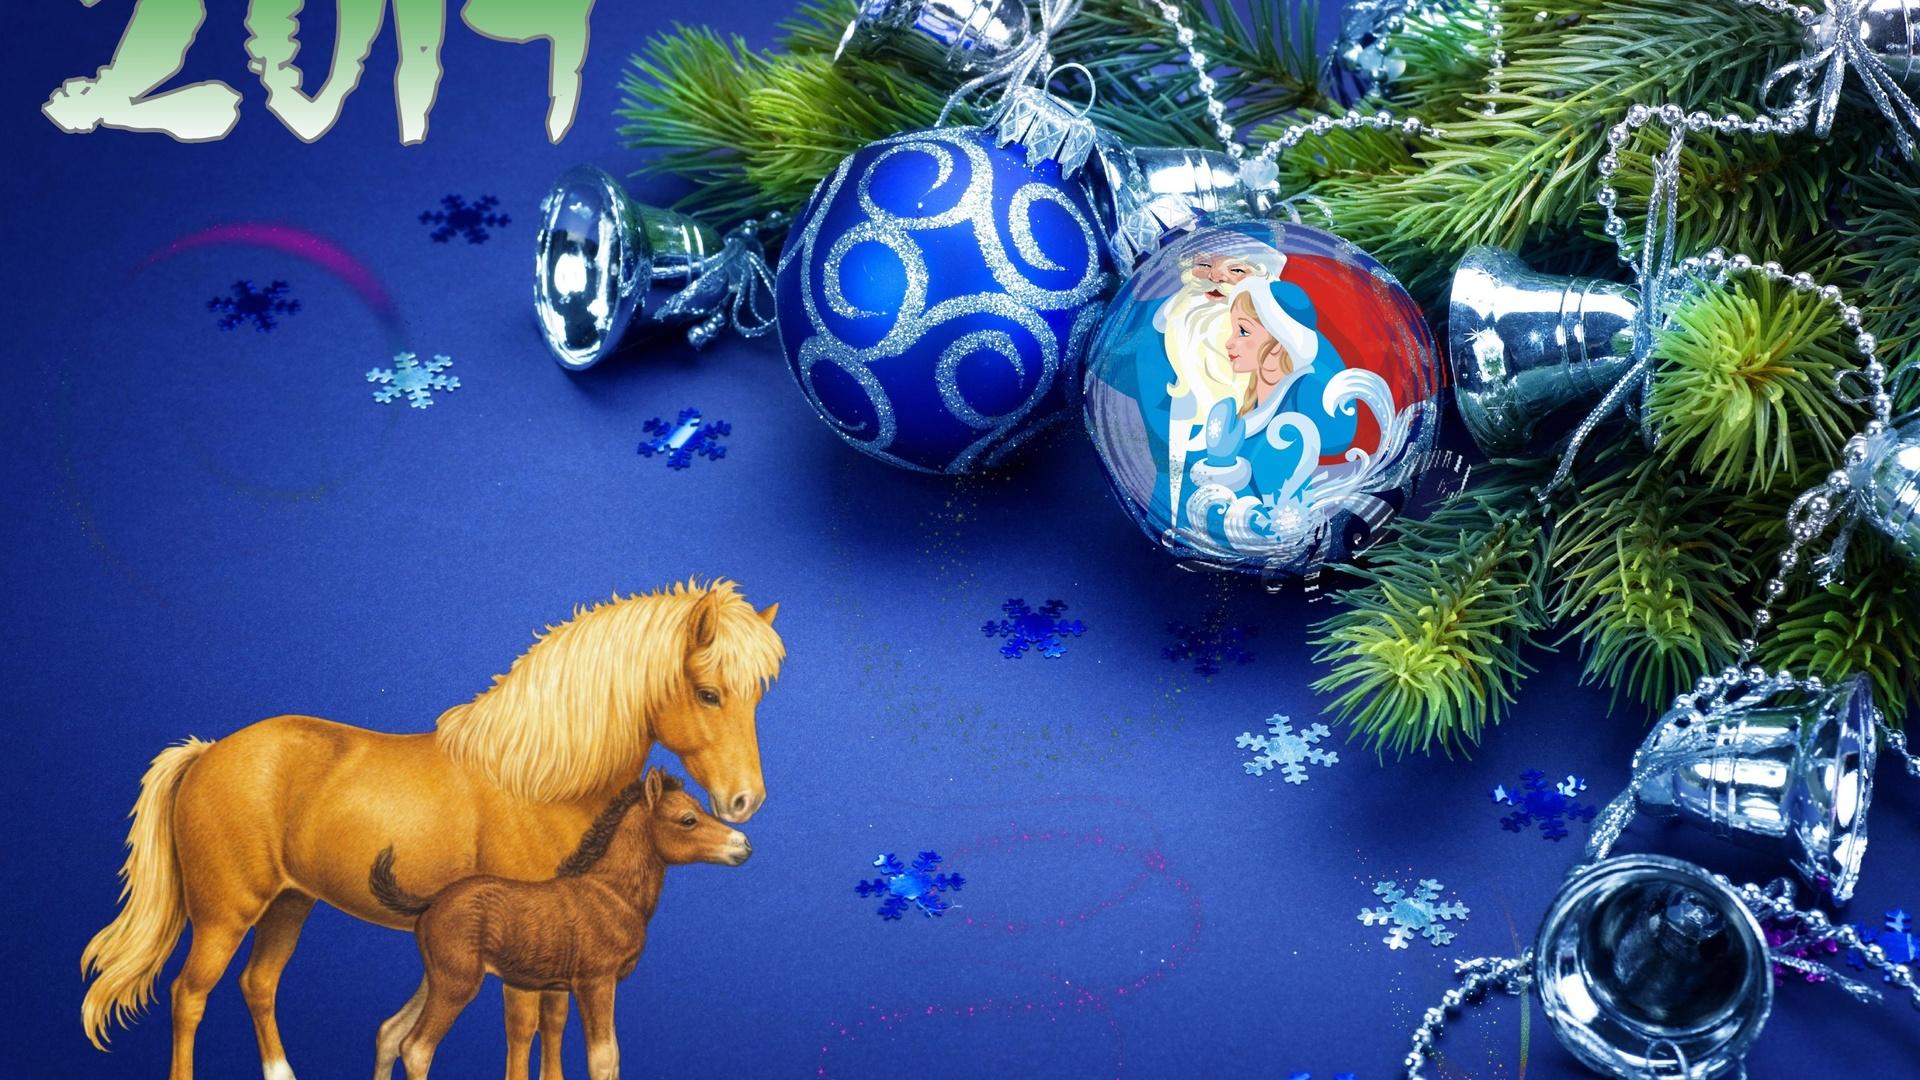 Картинки новый год лошади